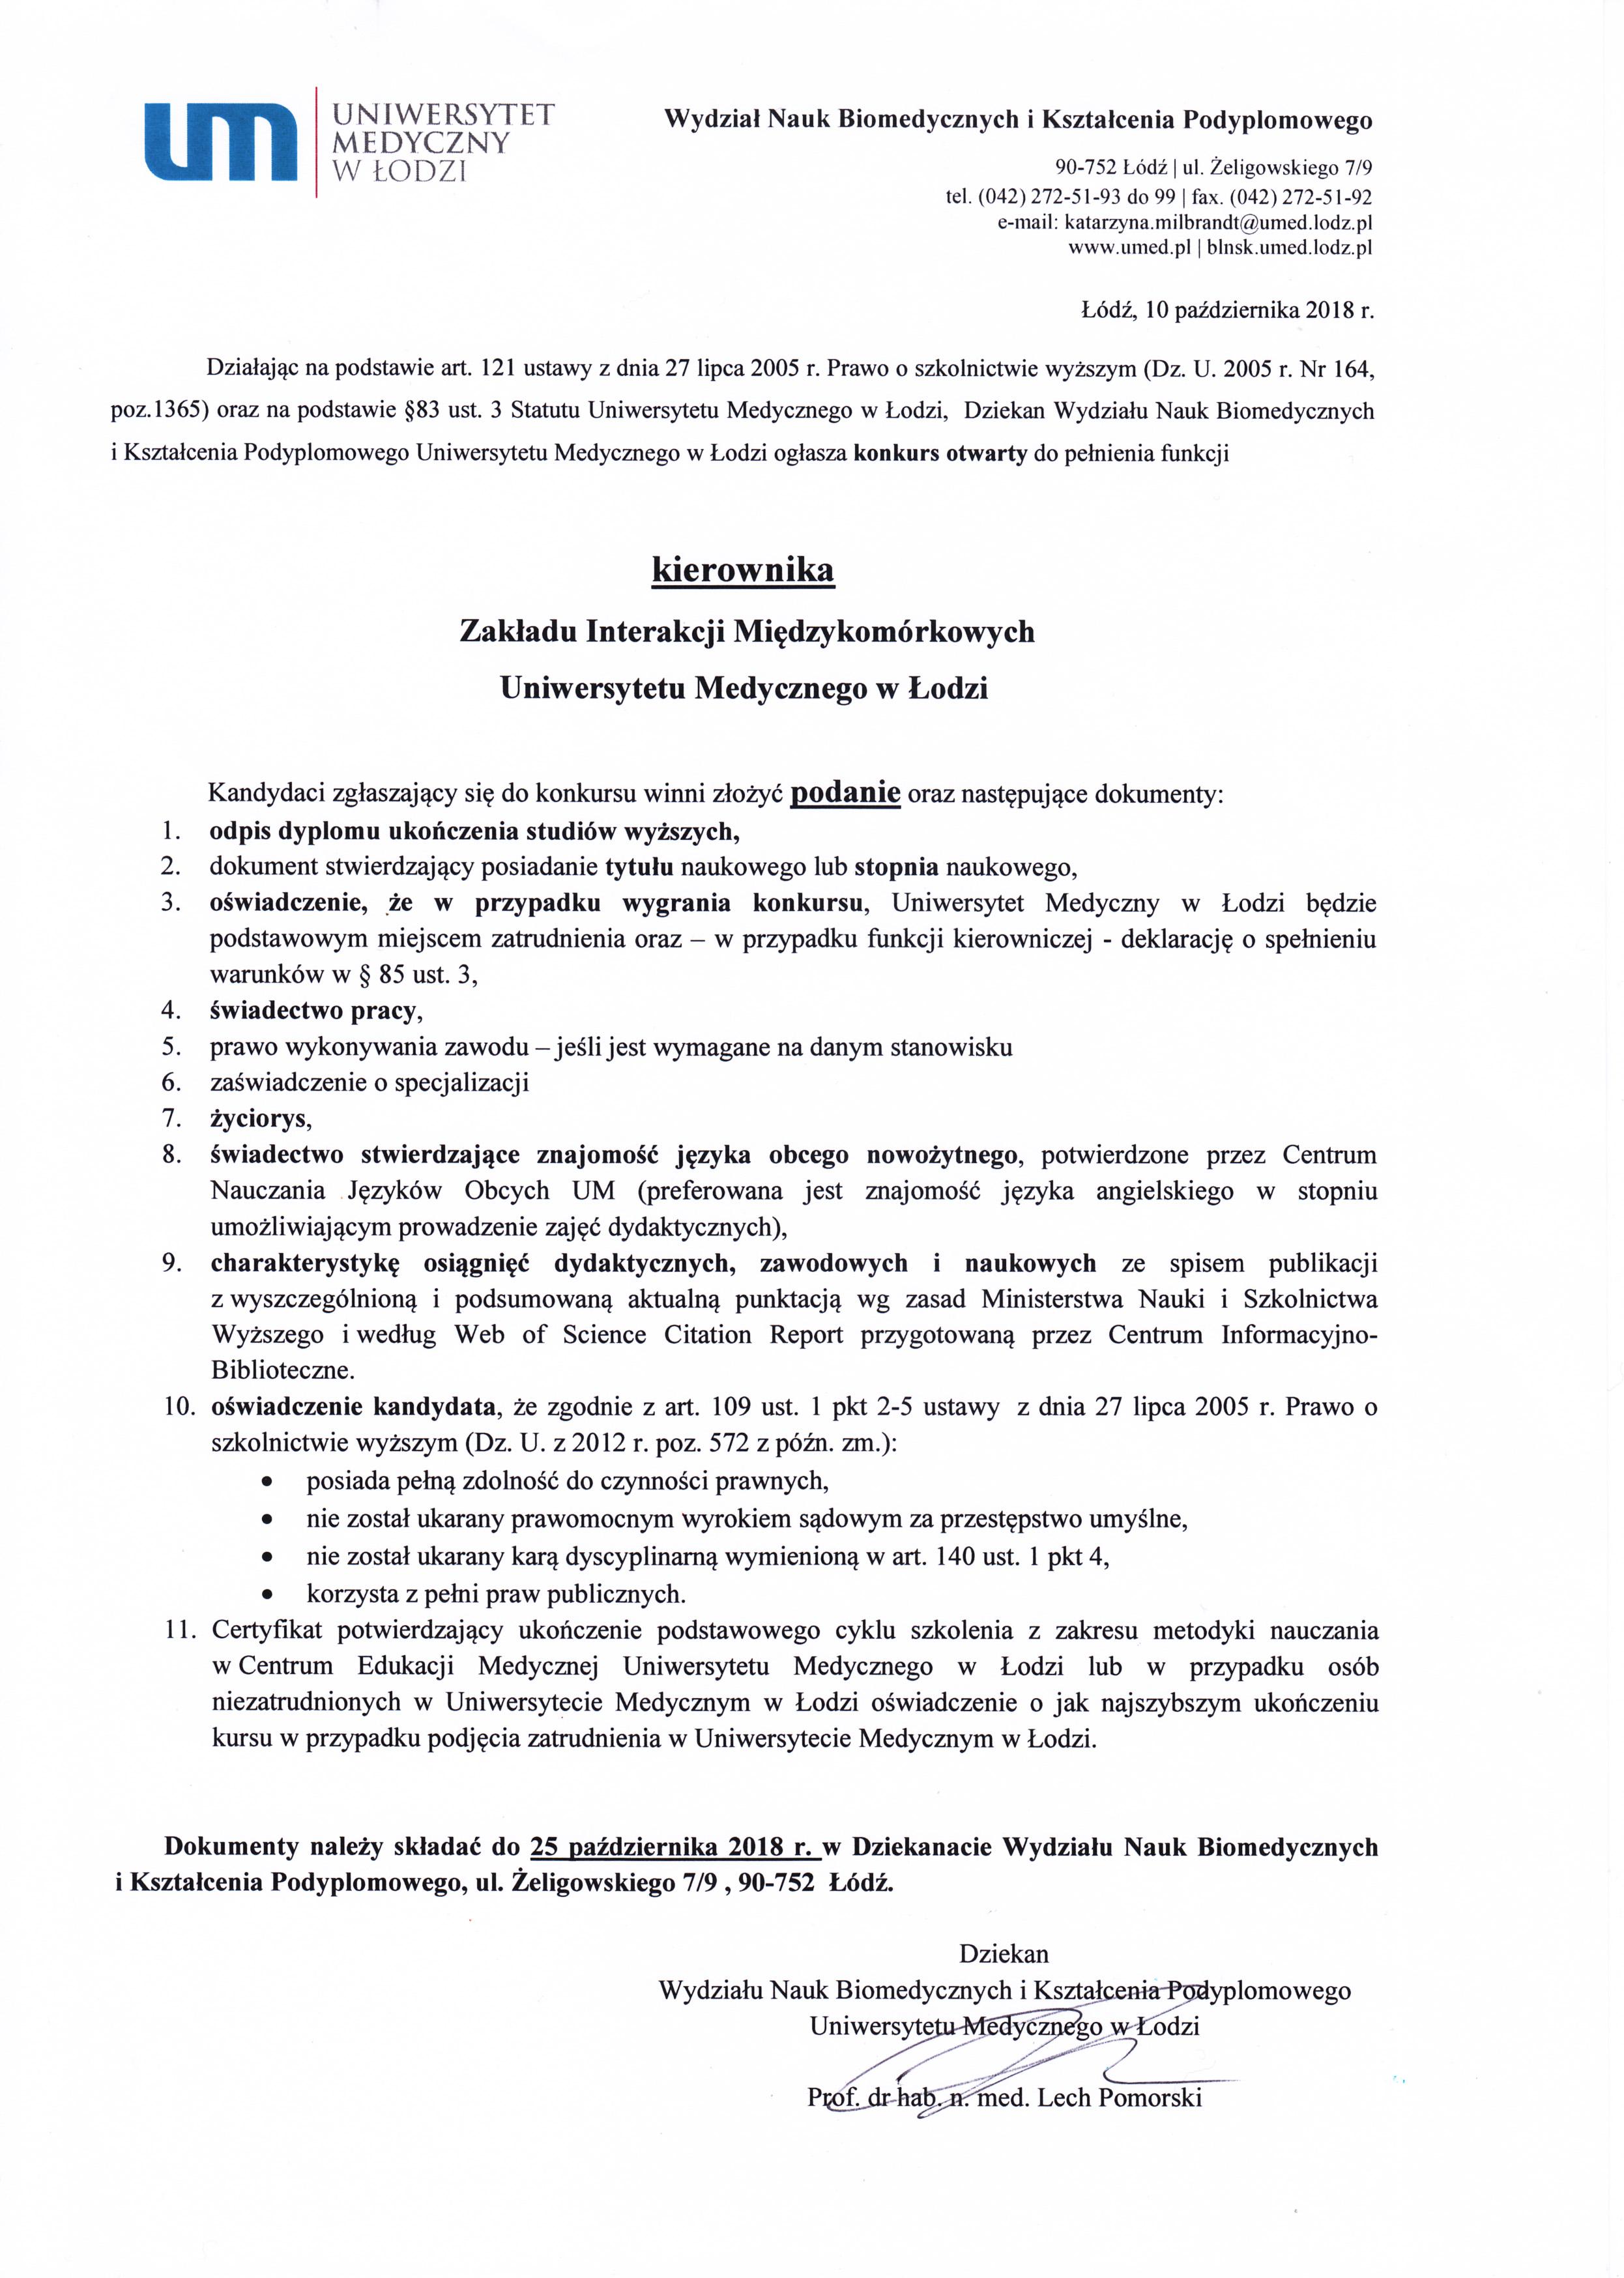 http://umed.pl/pliki/2014/12/konkurs-1.jpg